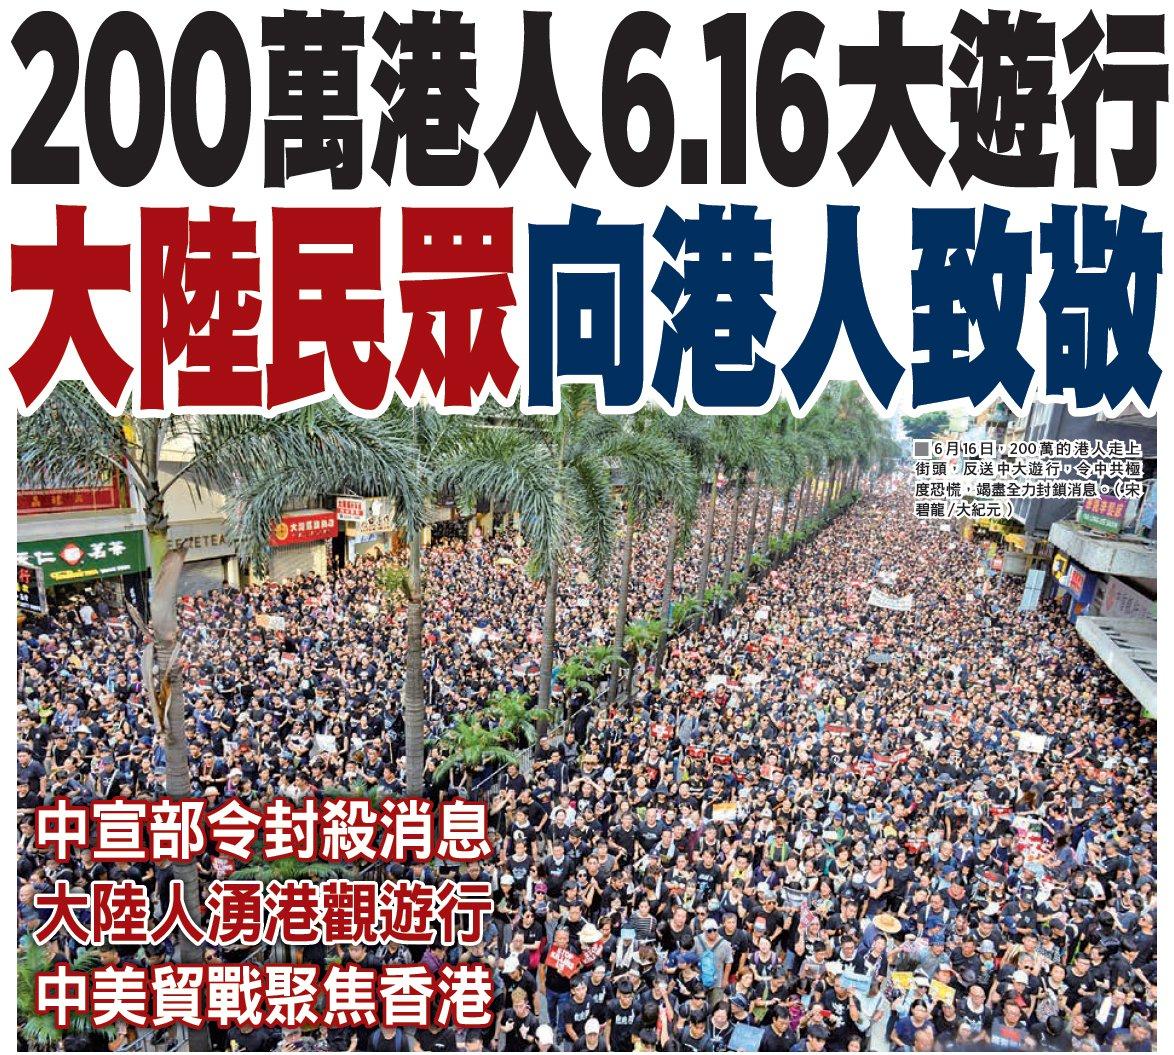 短短兩周內香港創下兩次百萬遊行的歷史紀錄,雖然特首林鄭月娥宣佈《逃犯條例》修訂無限期「暫緩」,但仍未平息民憤,因為香港民眾要求撤回《逃犯條例》修訂。(大紀元合成圖)